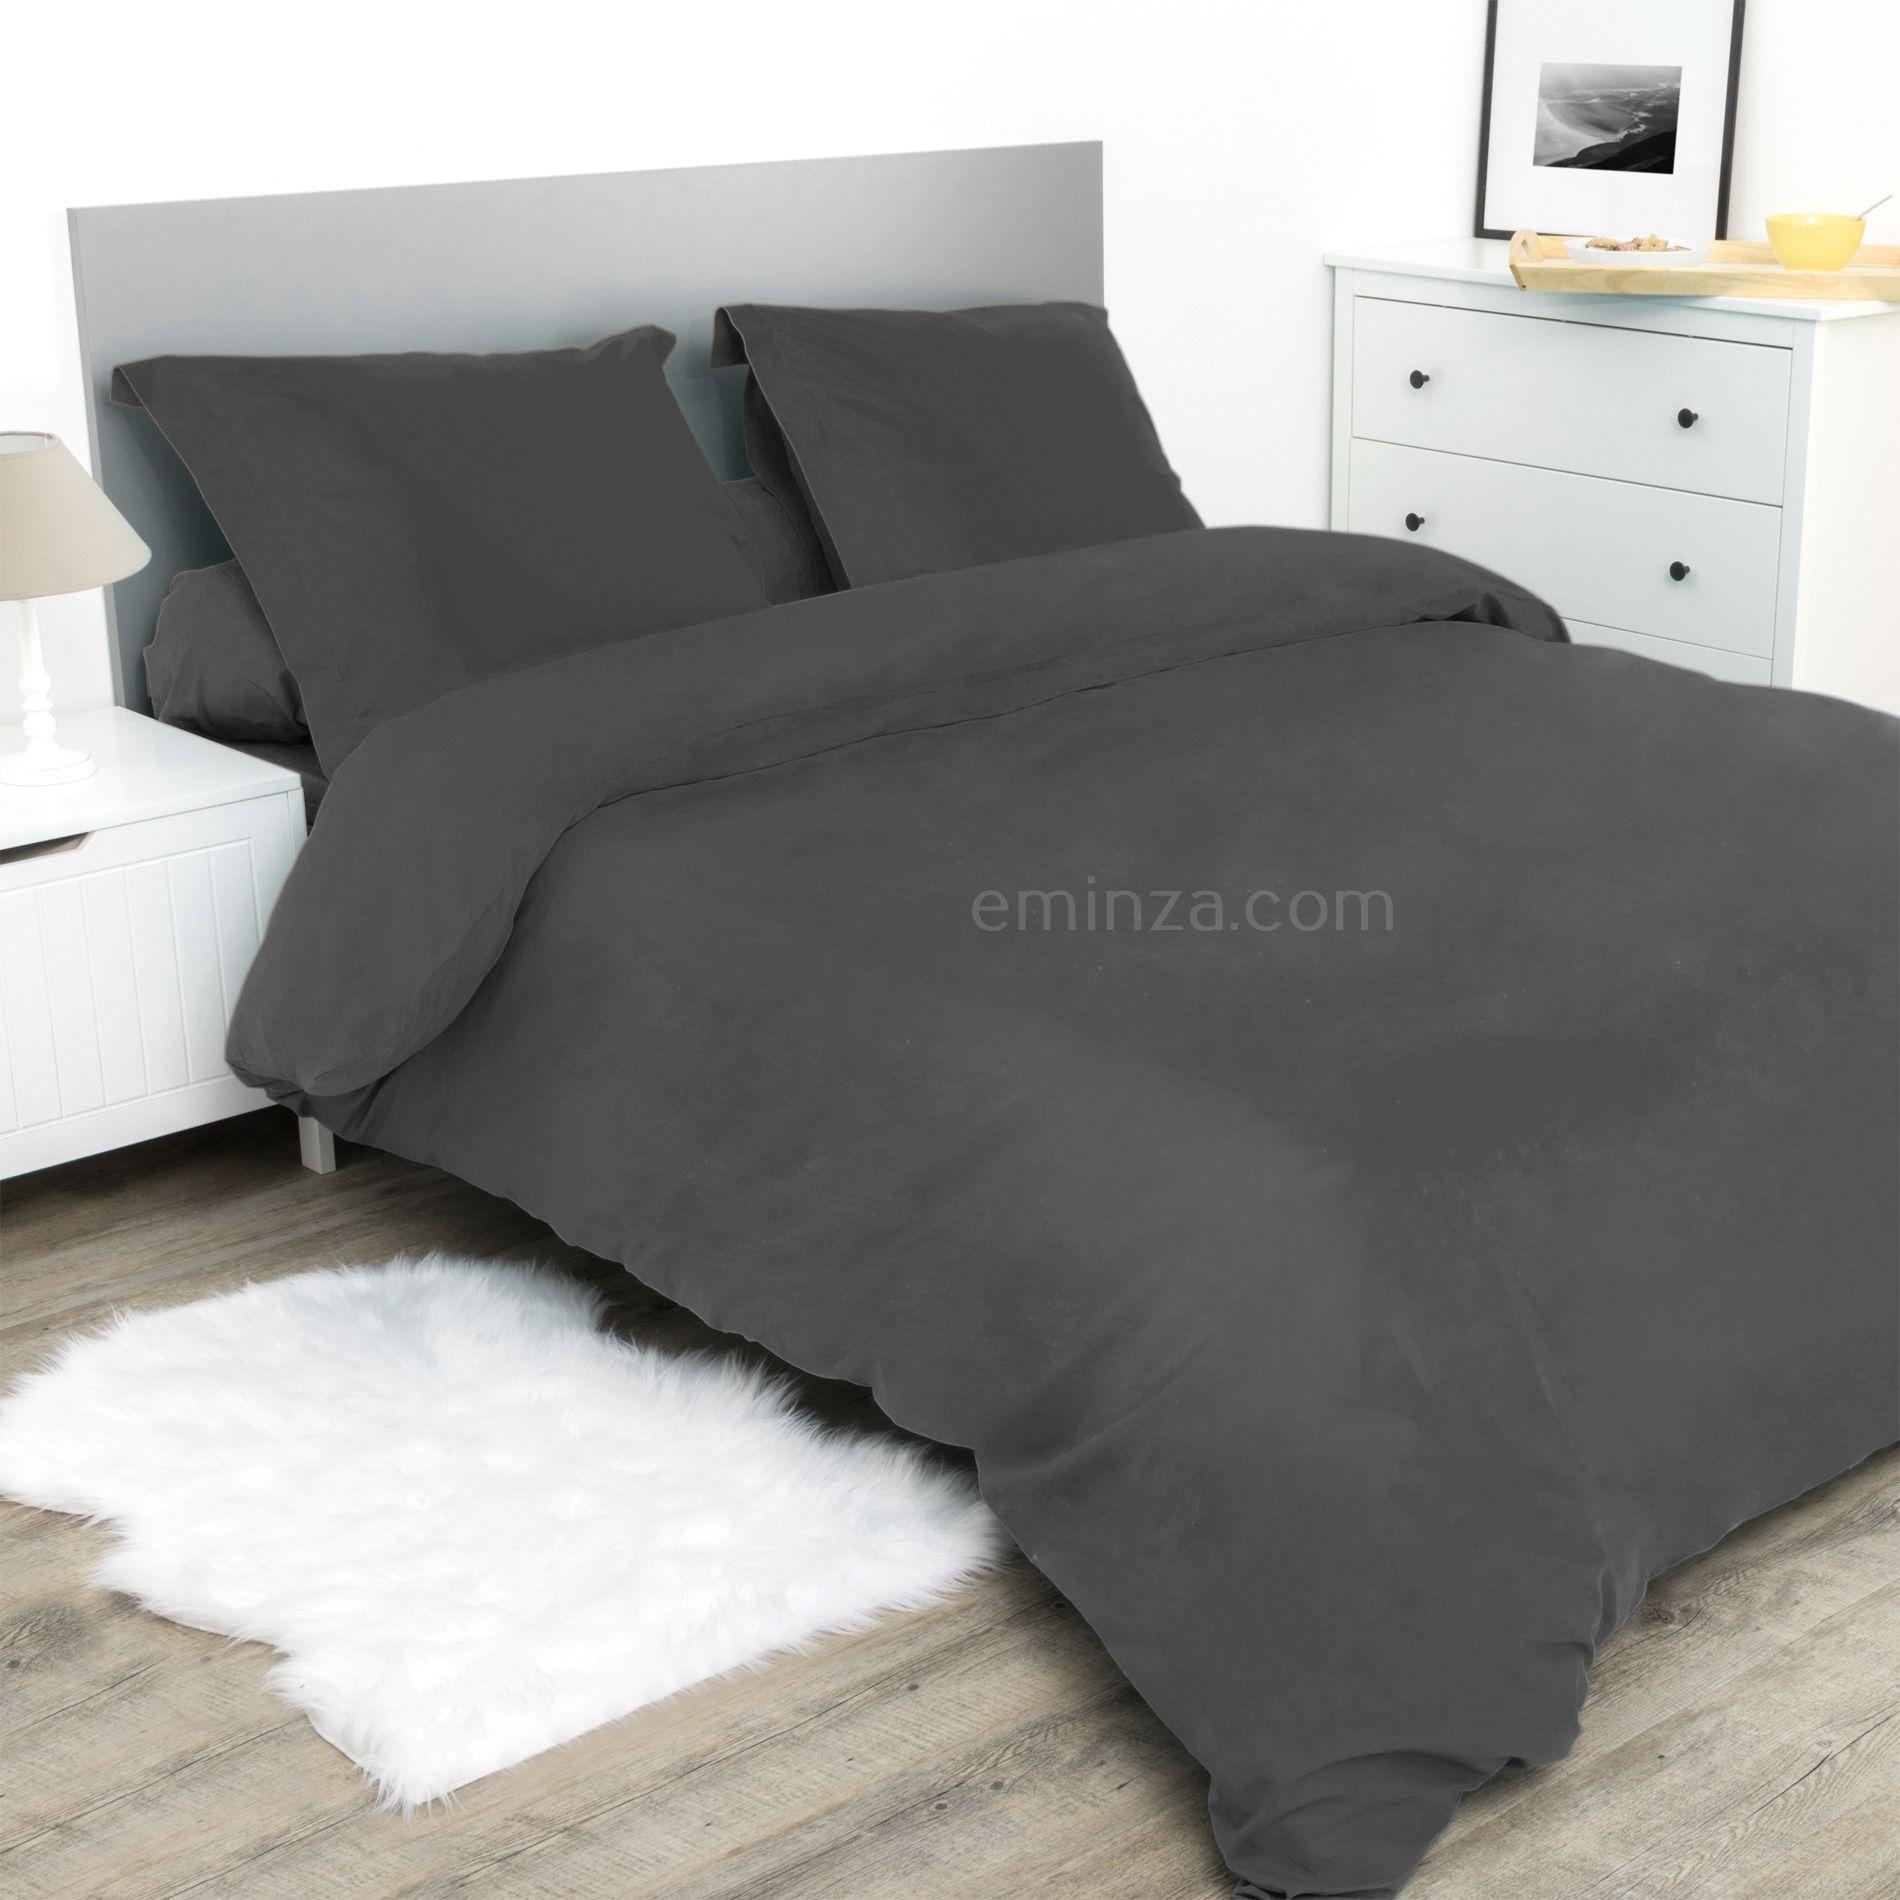 Drap housse 140 cm confort anthracite drap housse eminza for Drap housse 140